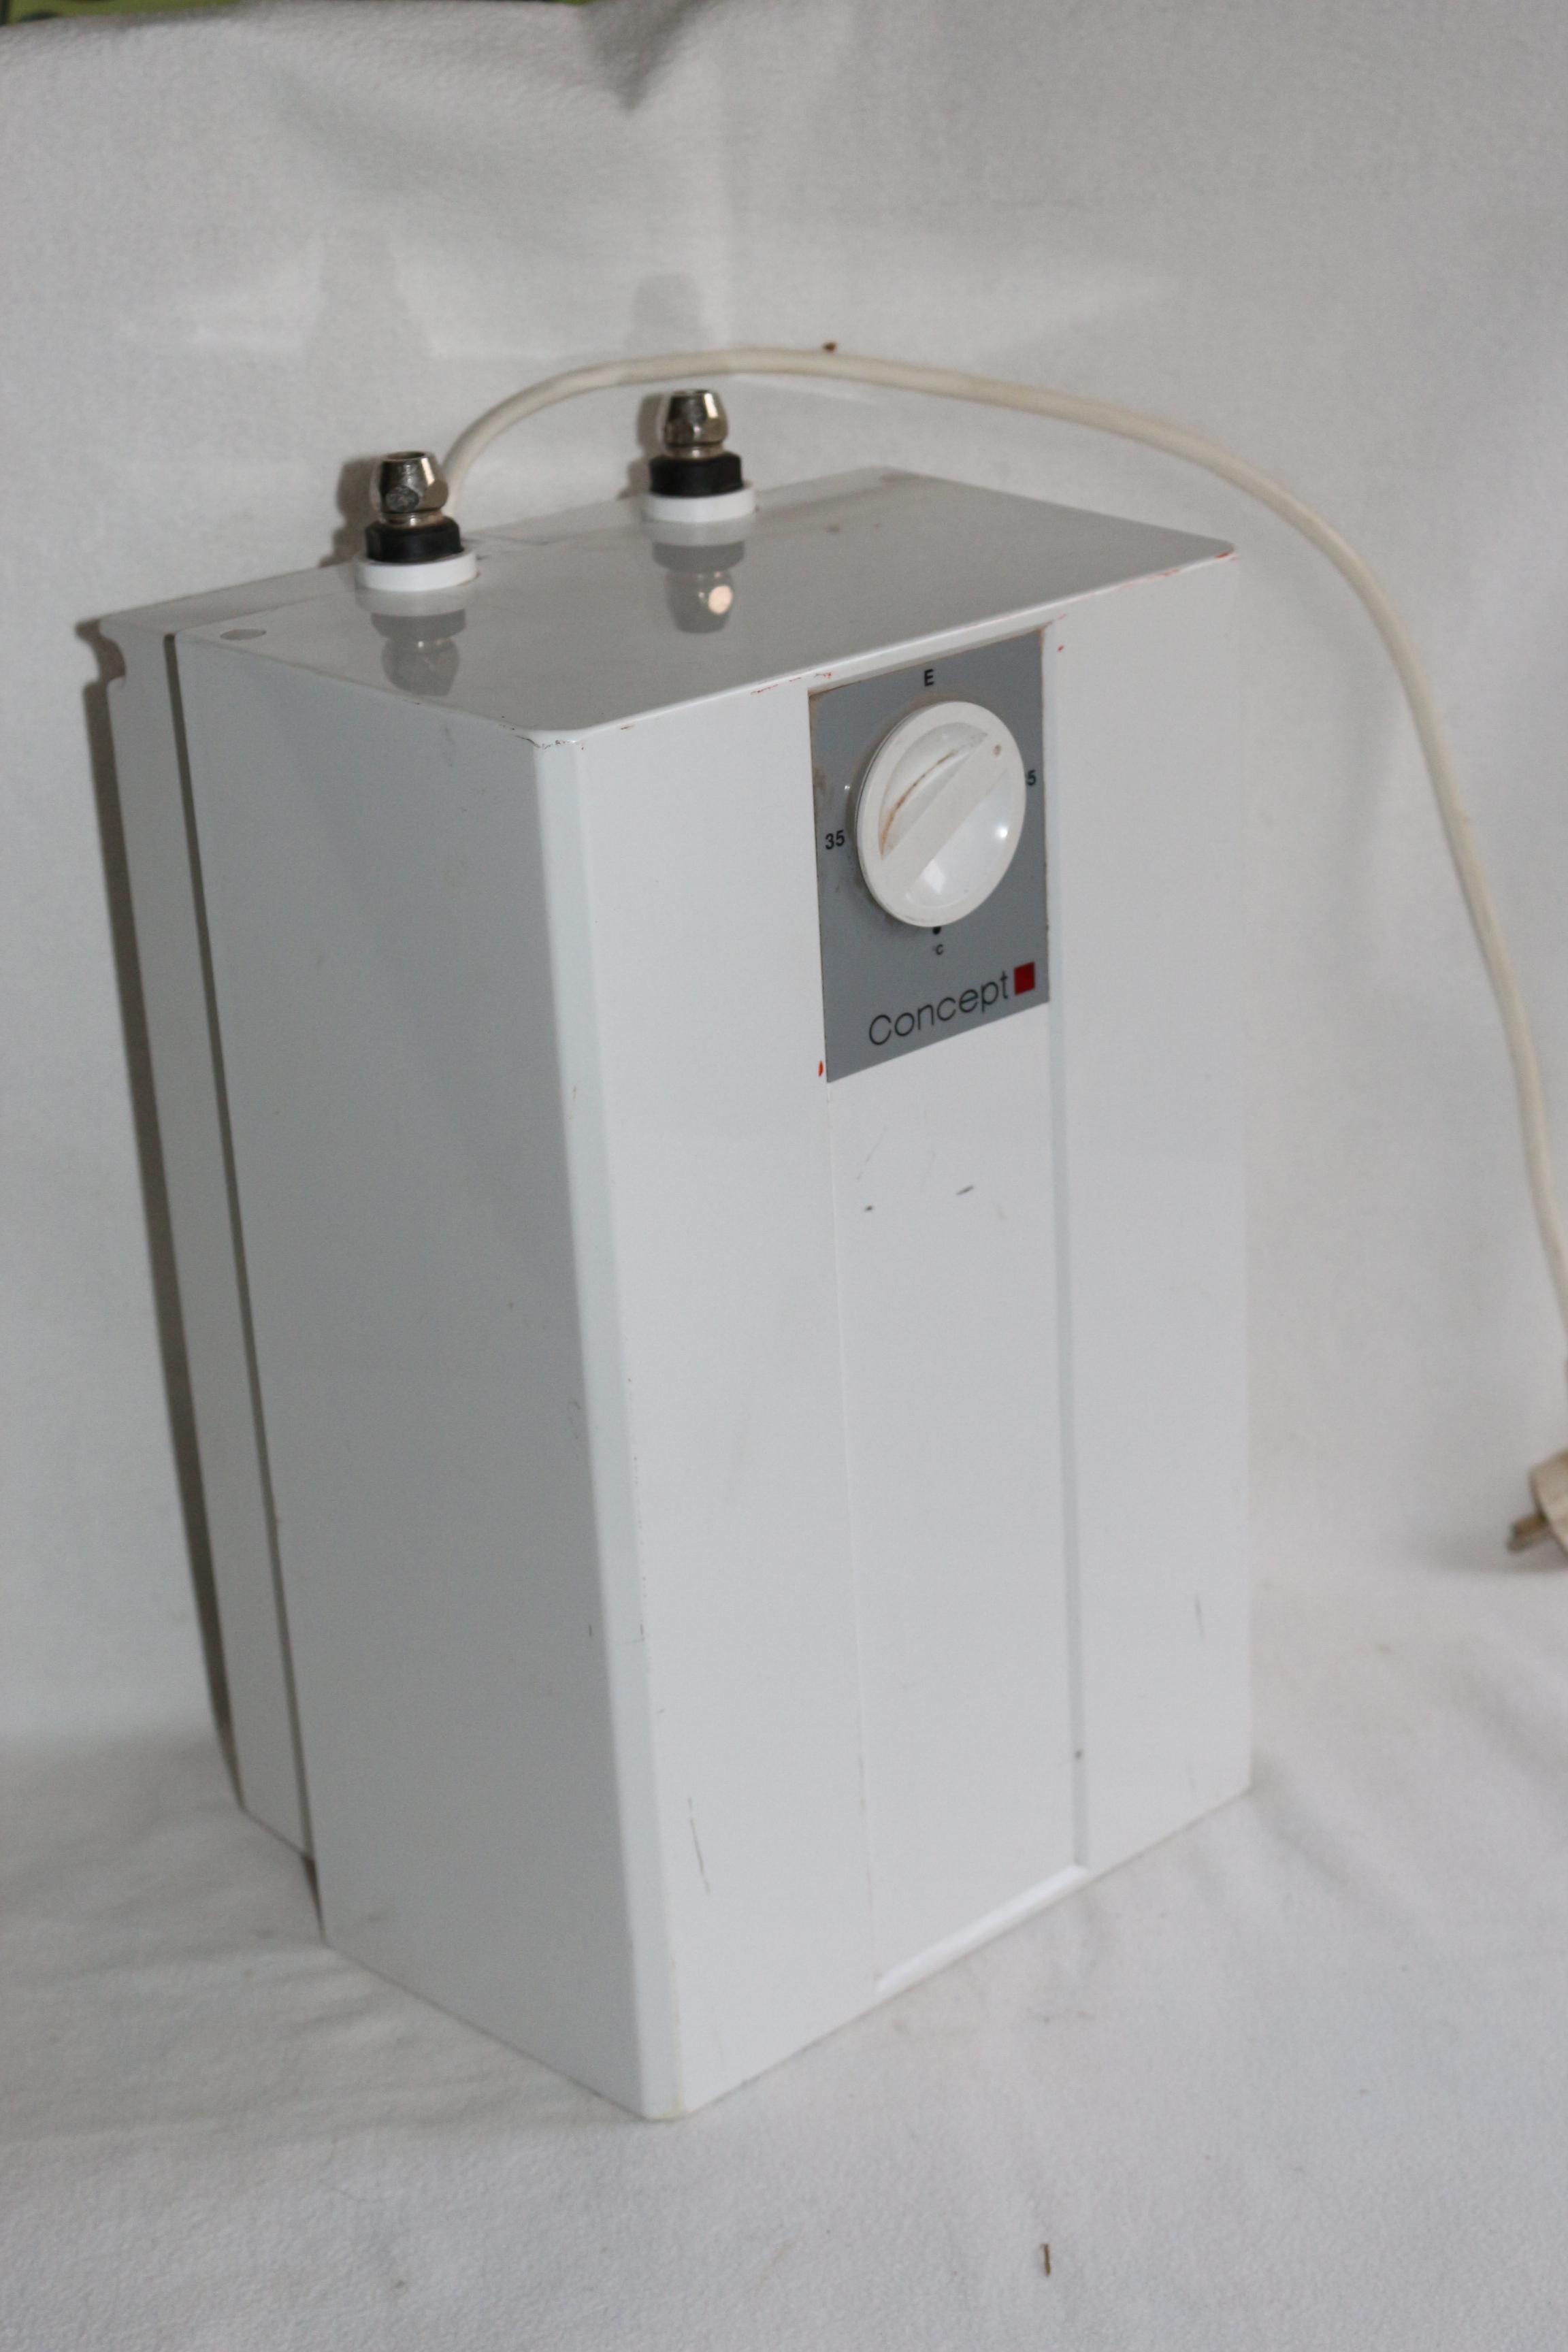 untertisch elektro boiler 5 l warmwasserspeicher ebay. Black Bedroom Furniture Sets. Home Design Ideas